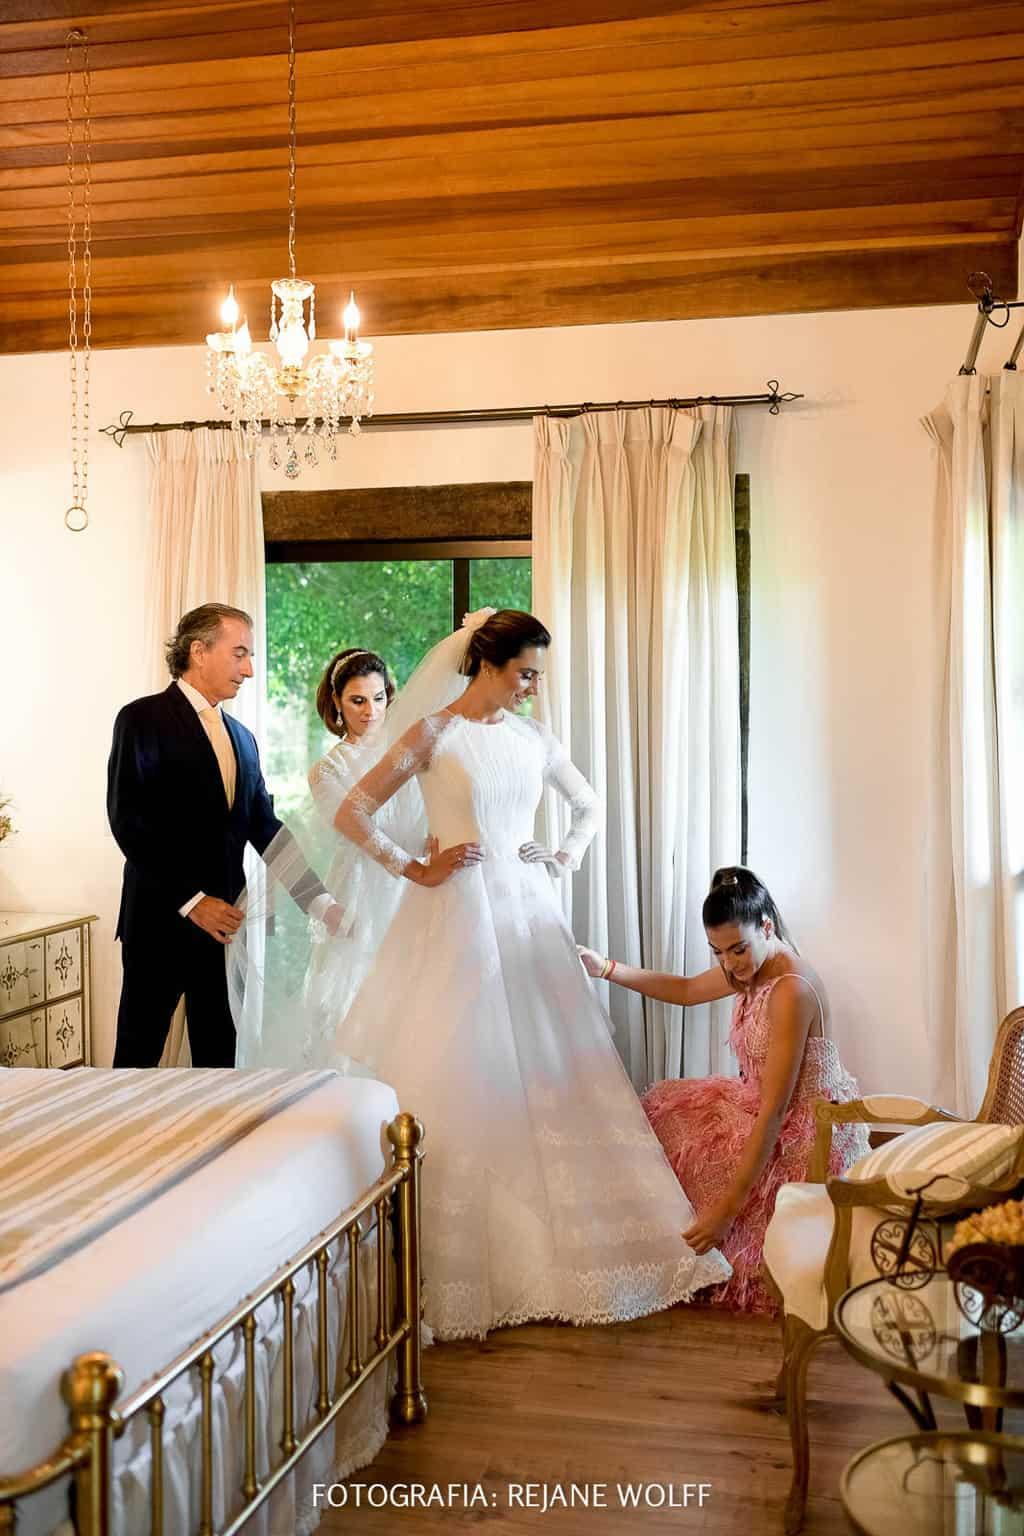 Casamento-Verane-e-Bruno-fotografia-Rejane-Wolff-hora-do-buque-Rej-Terras-de-Clara8